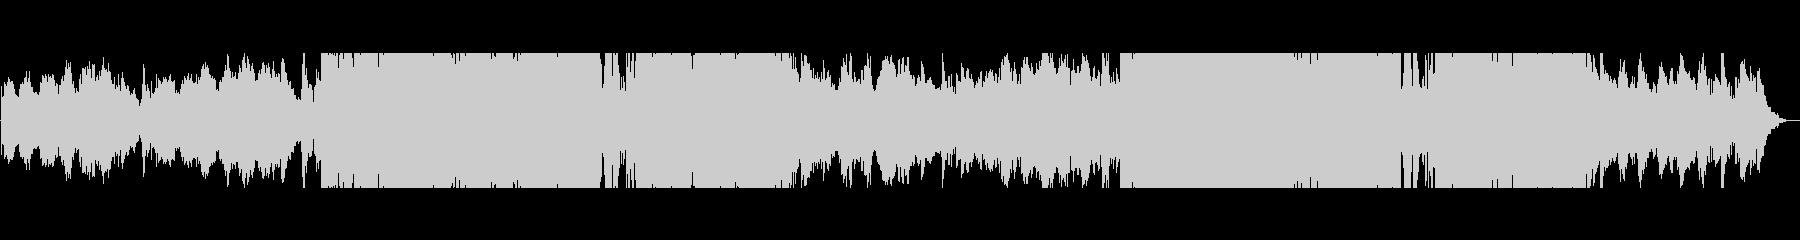 疾走感のあるエレクトリックの未再生の波形